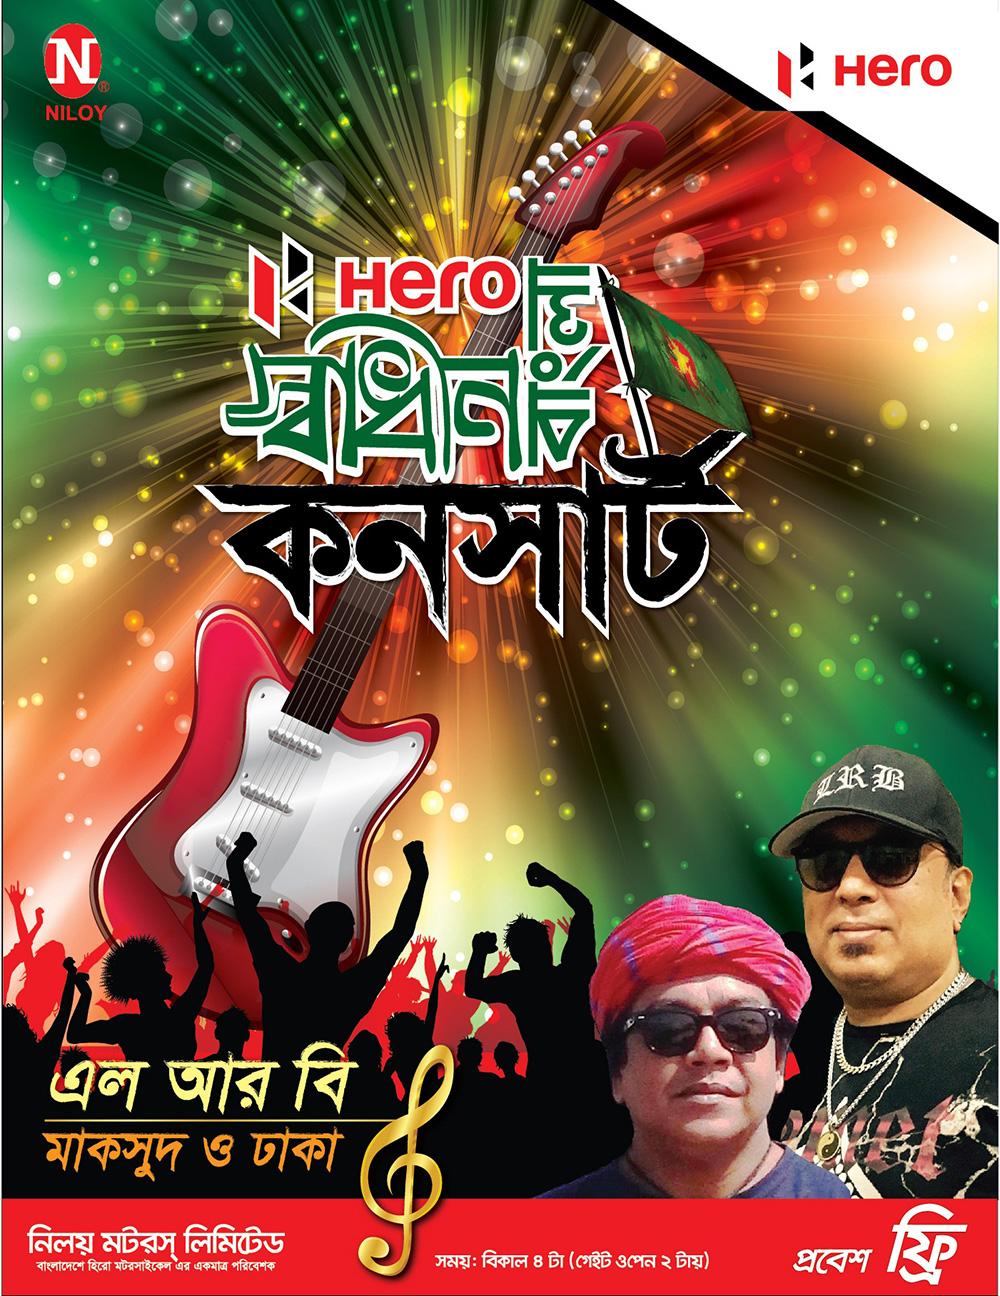 Hero-Shadhin-Bangla-Concert-2018